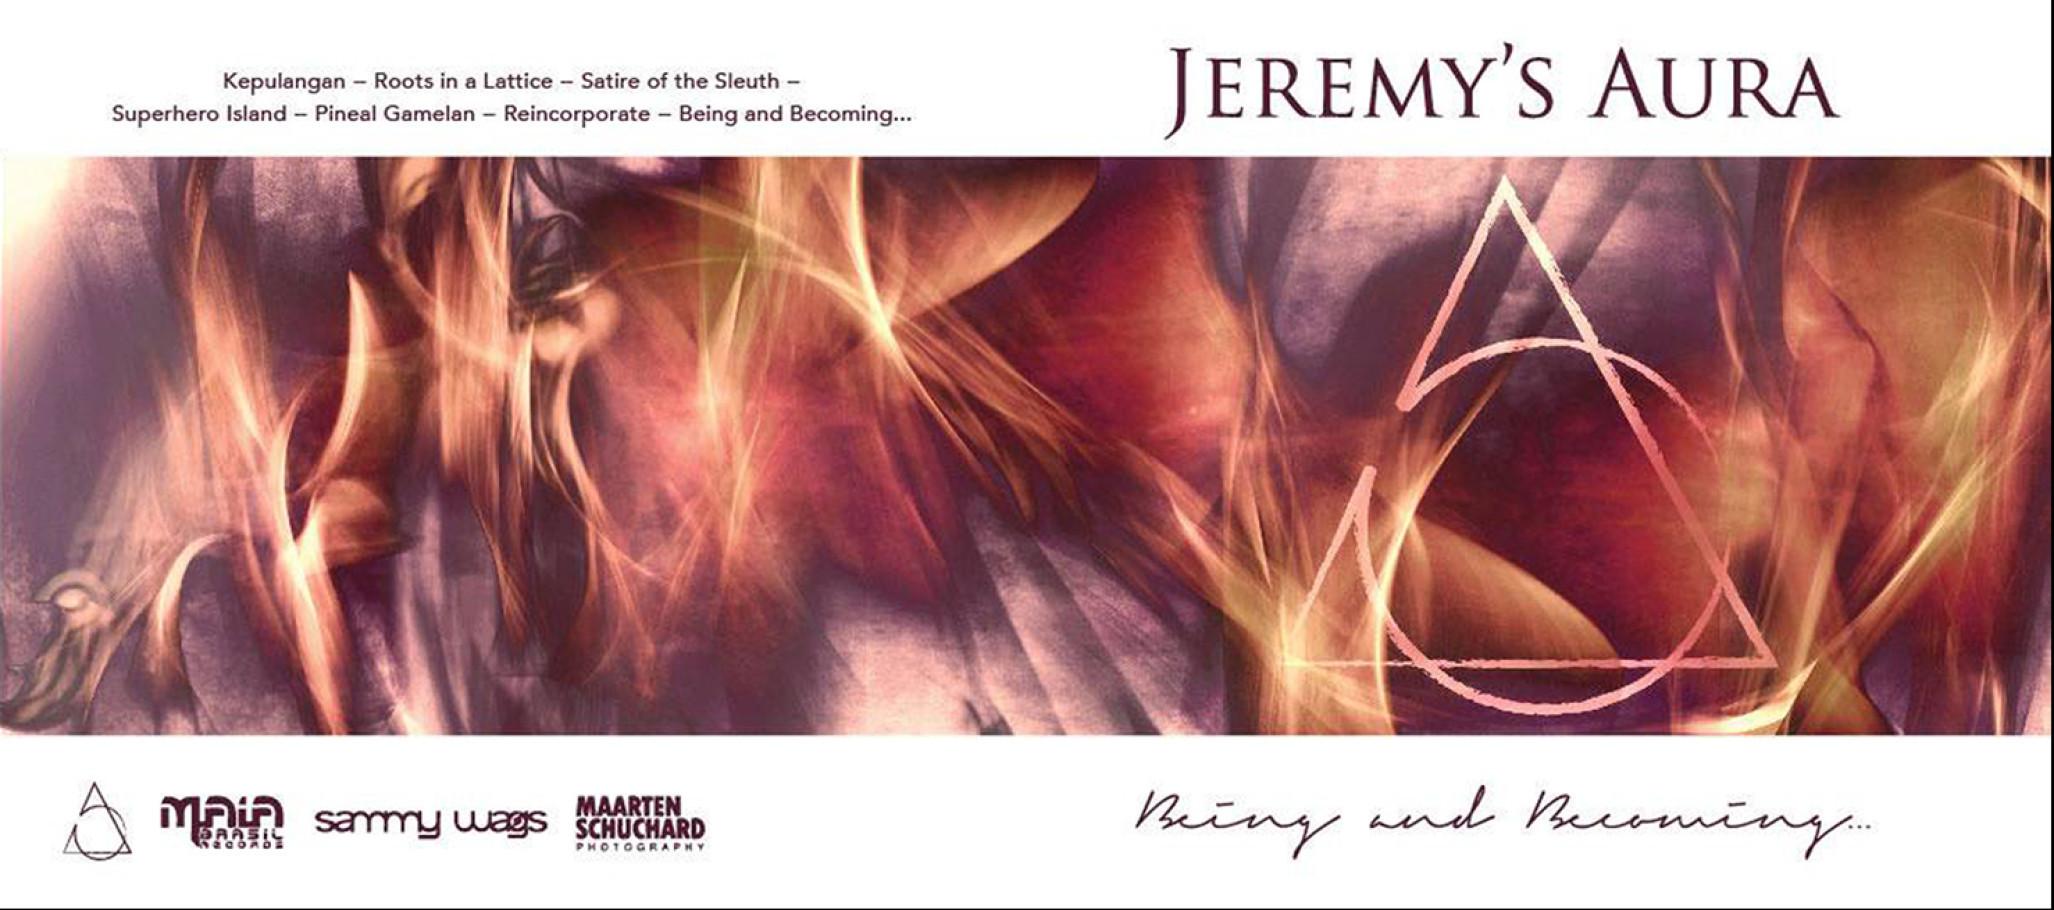 Jeremys Aura - Album art - www.jeremycosta.com